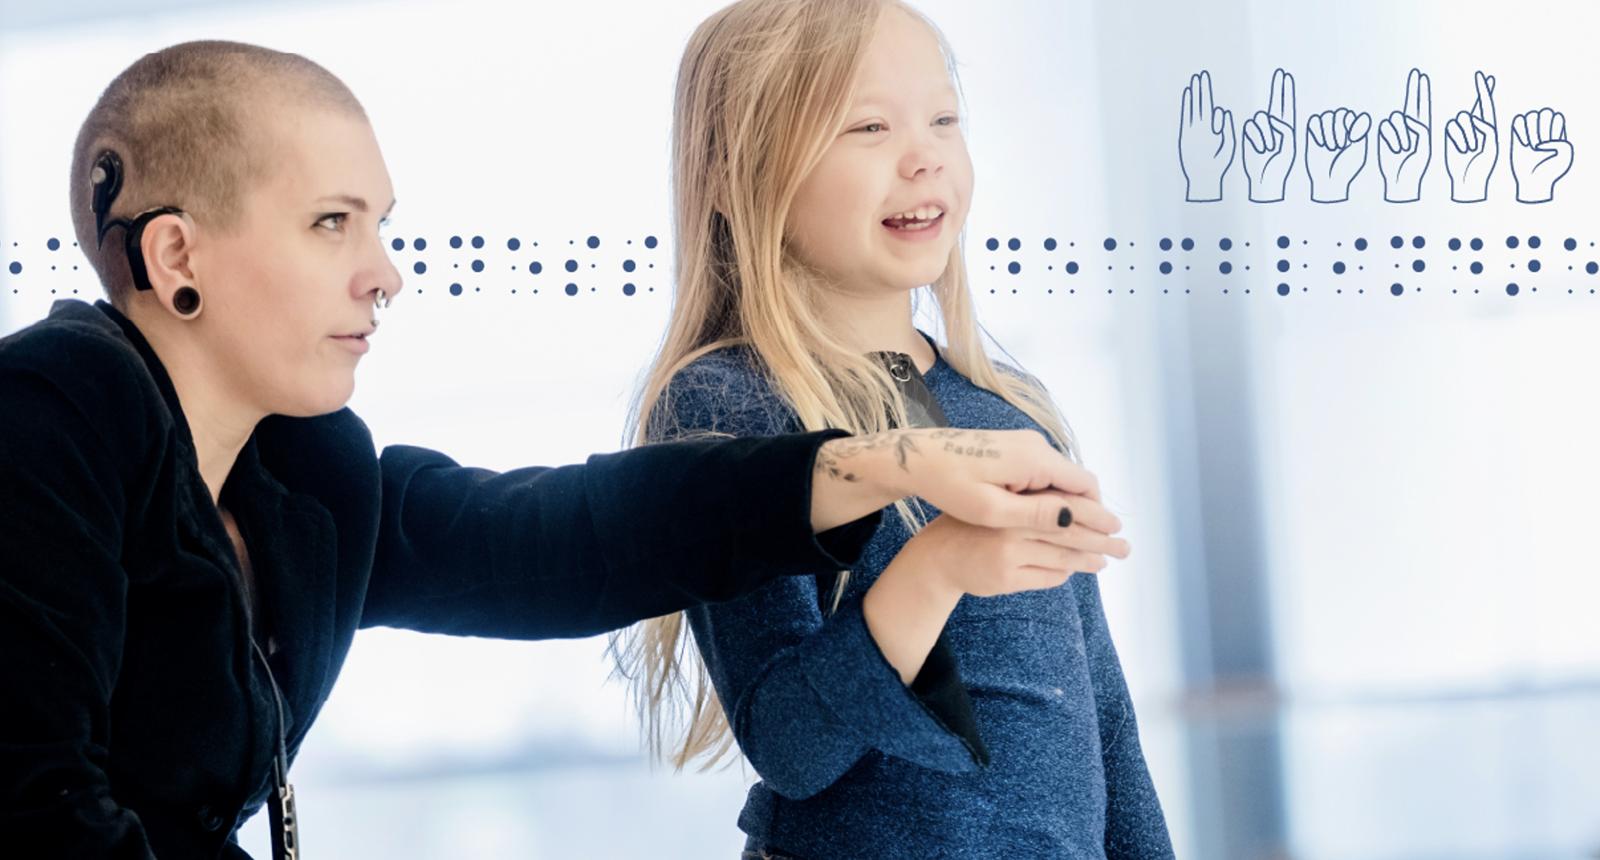 En kvinna med hörappart snett bakom en flicka med blå tröja som kommunicerar med händerna